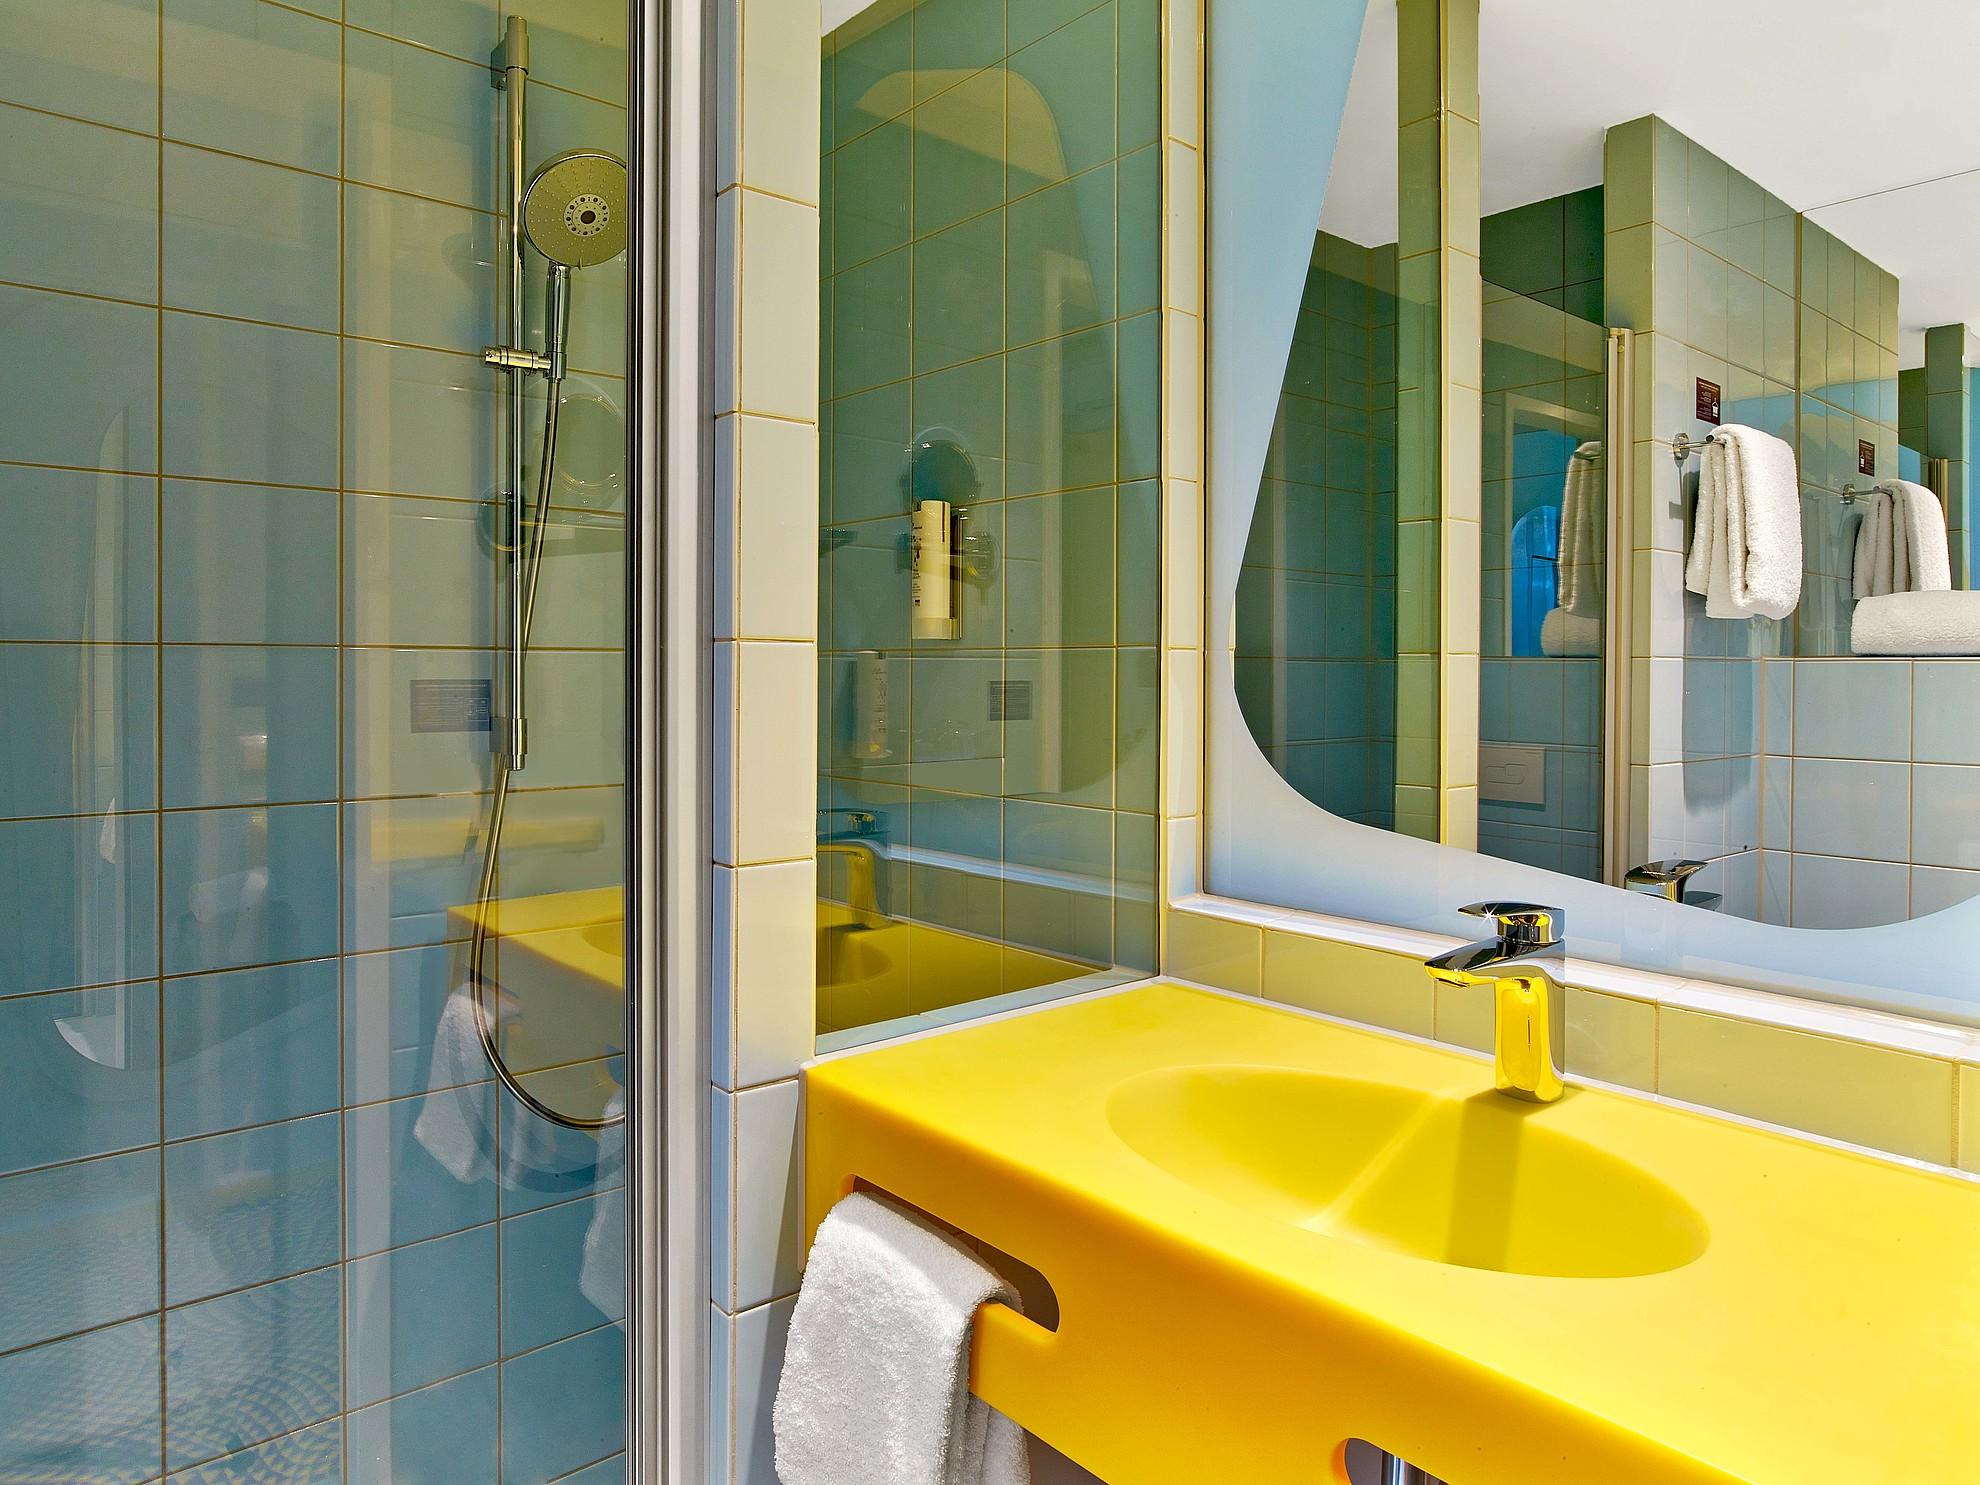 prizeotel - Economy-Design-Hotel - Bestpreis-Garantie